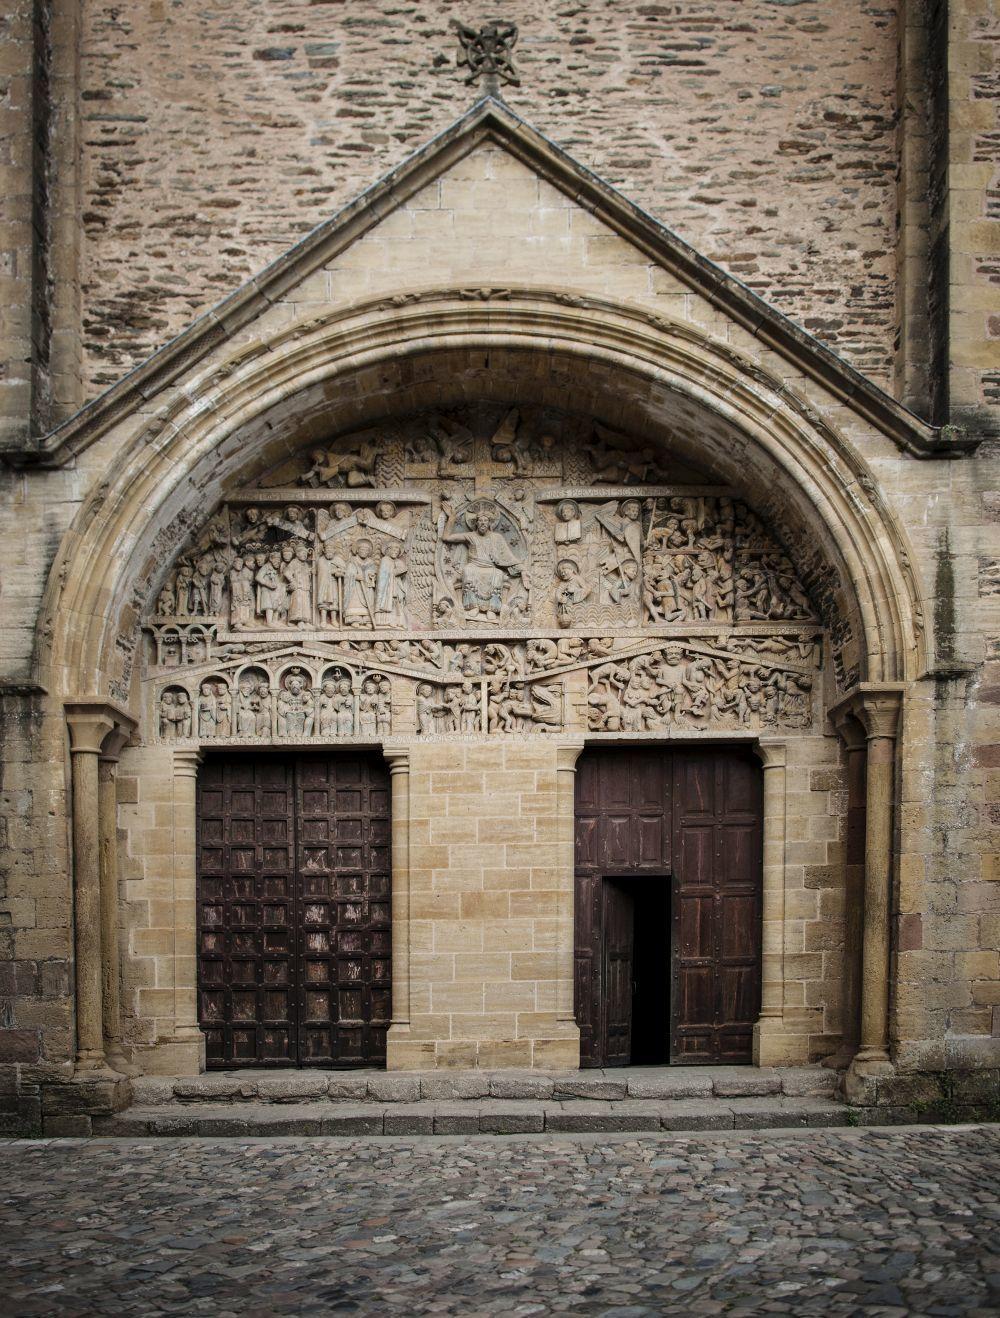 Puerta de una iglesia de Aveyron.